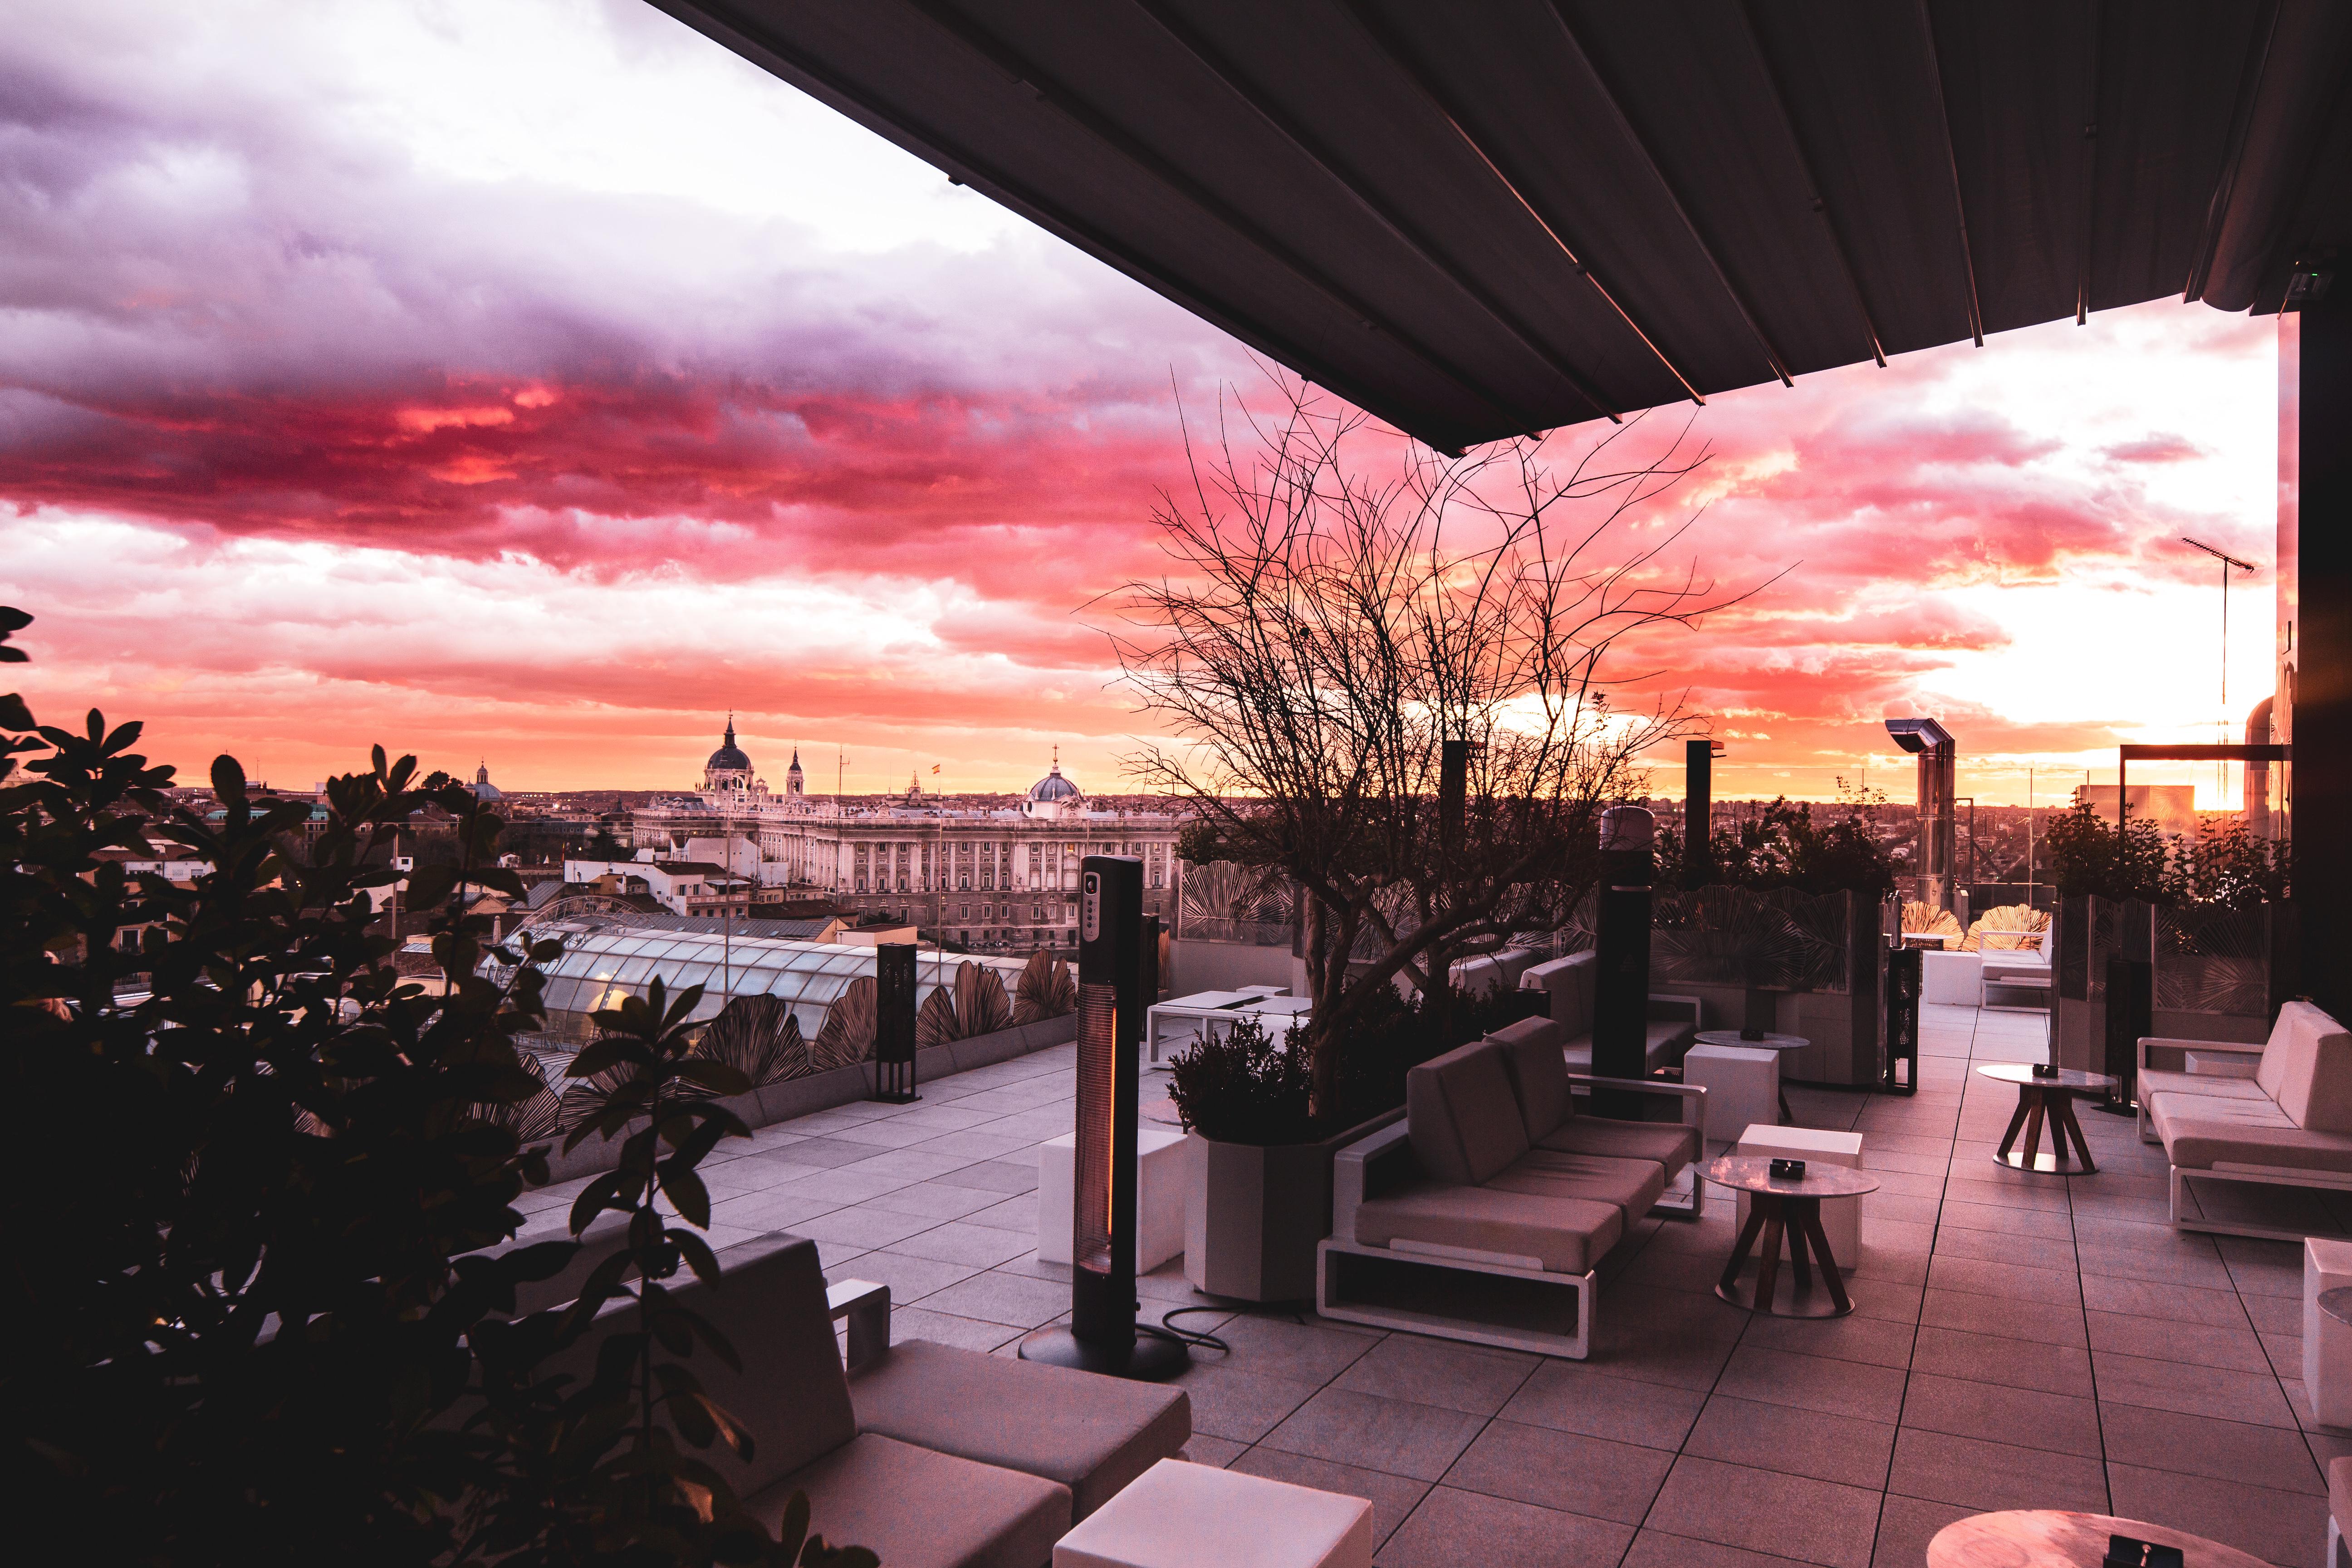 VP Plaza España Design el emblemático hotel de lujo y diseño en Madrid | Luxury Spain